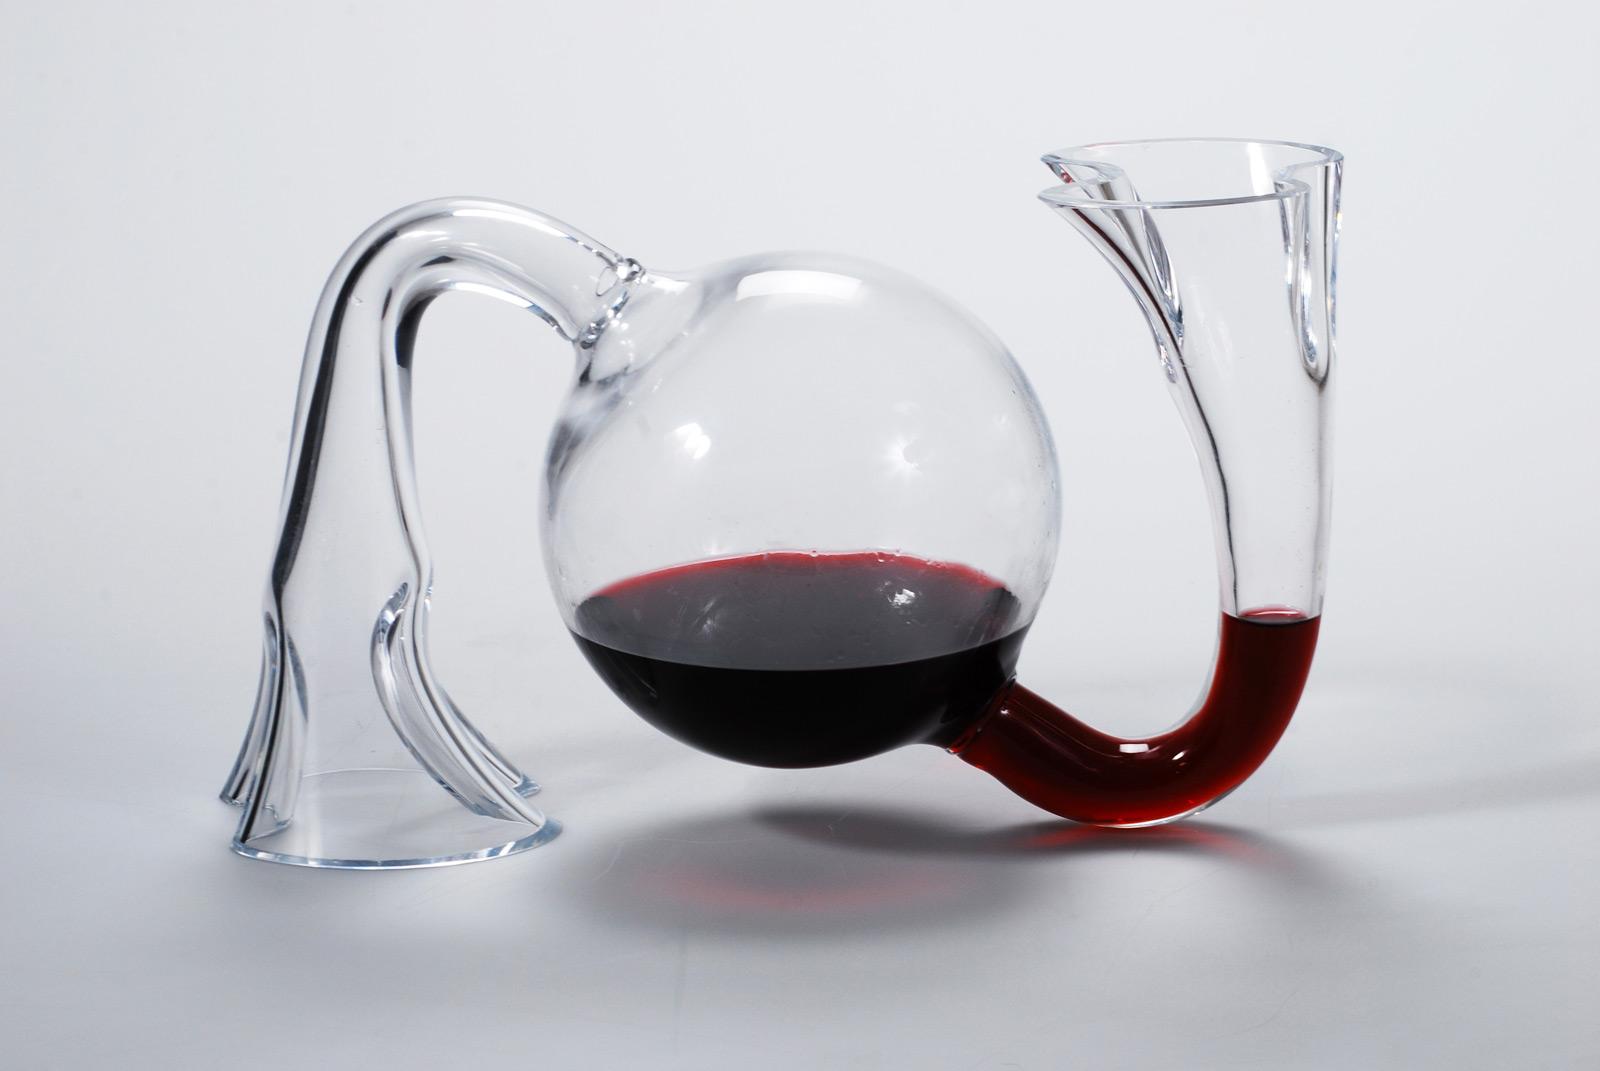 Achat vin bordeaux, où trouver son bonheur ?